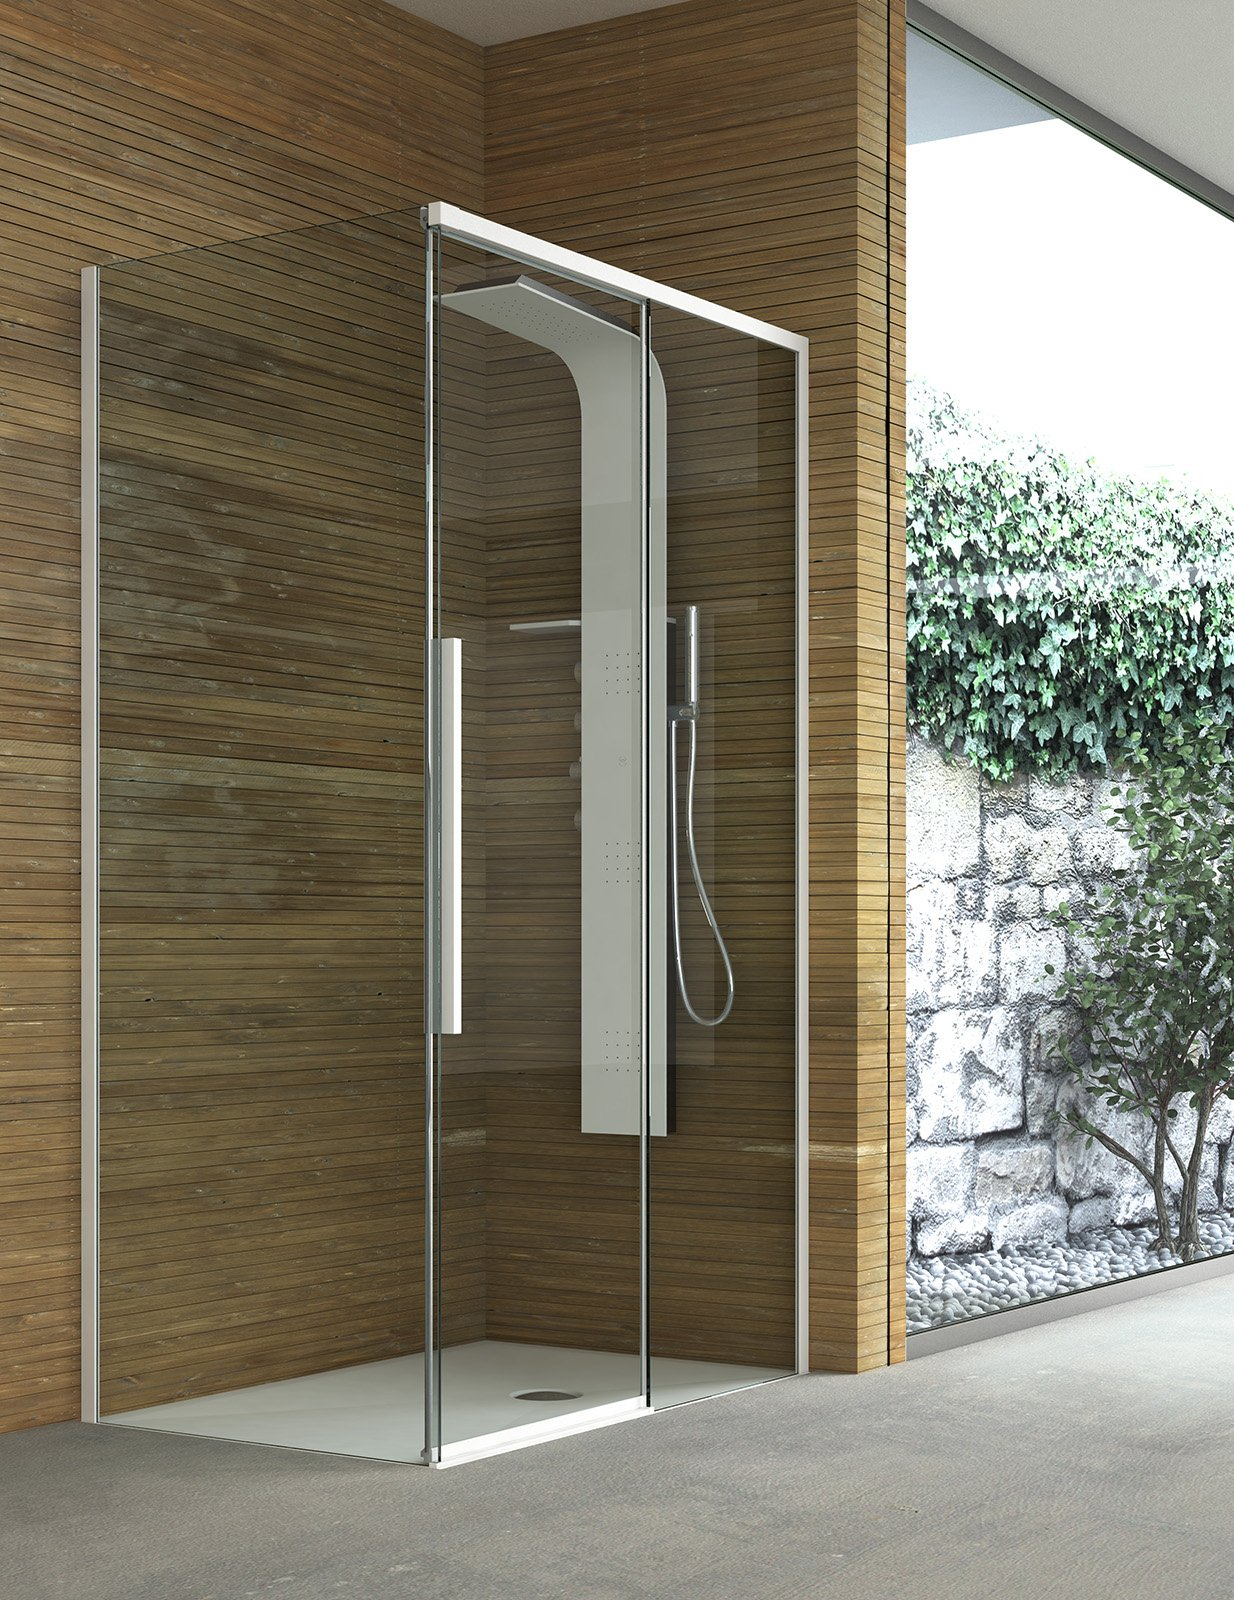 Box doccia quale chiusura scegliere cose di casa - Chiusura doccia scorrevole ...